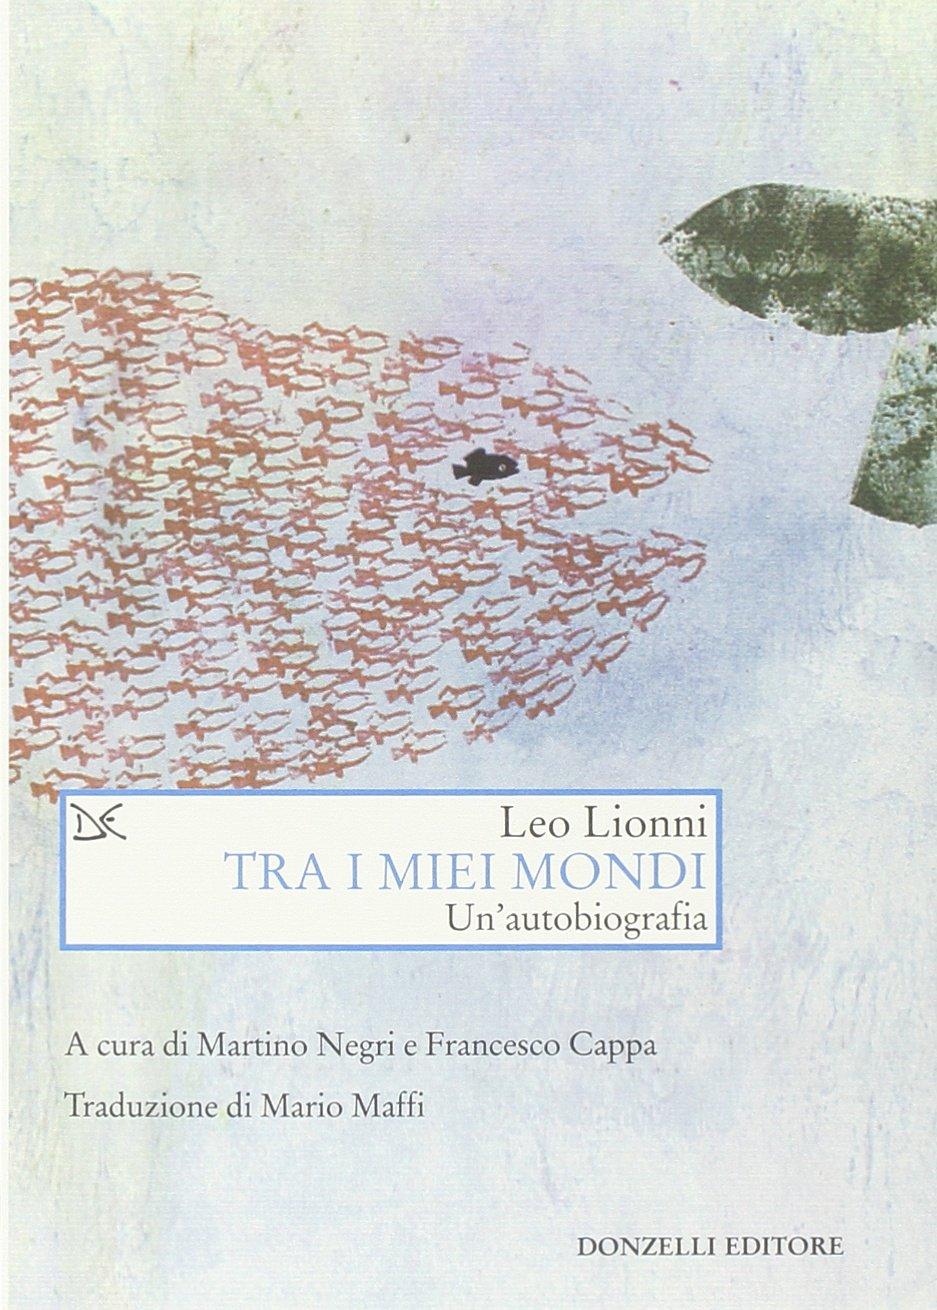 Autobiografia di Leo Lionni